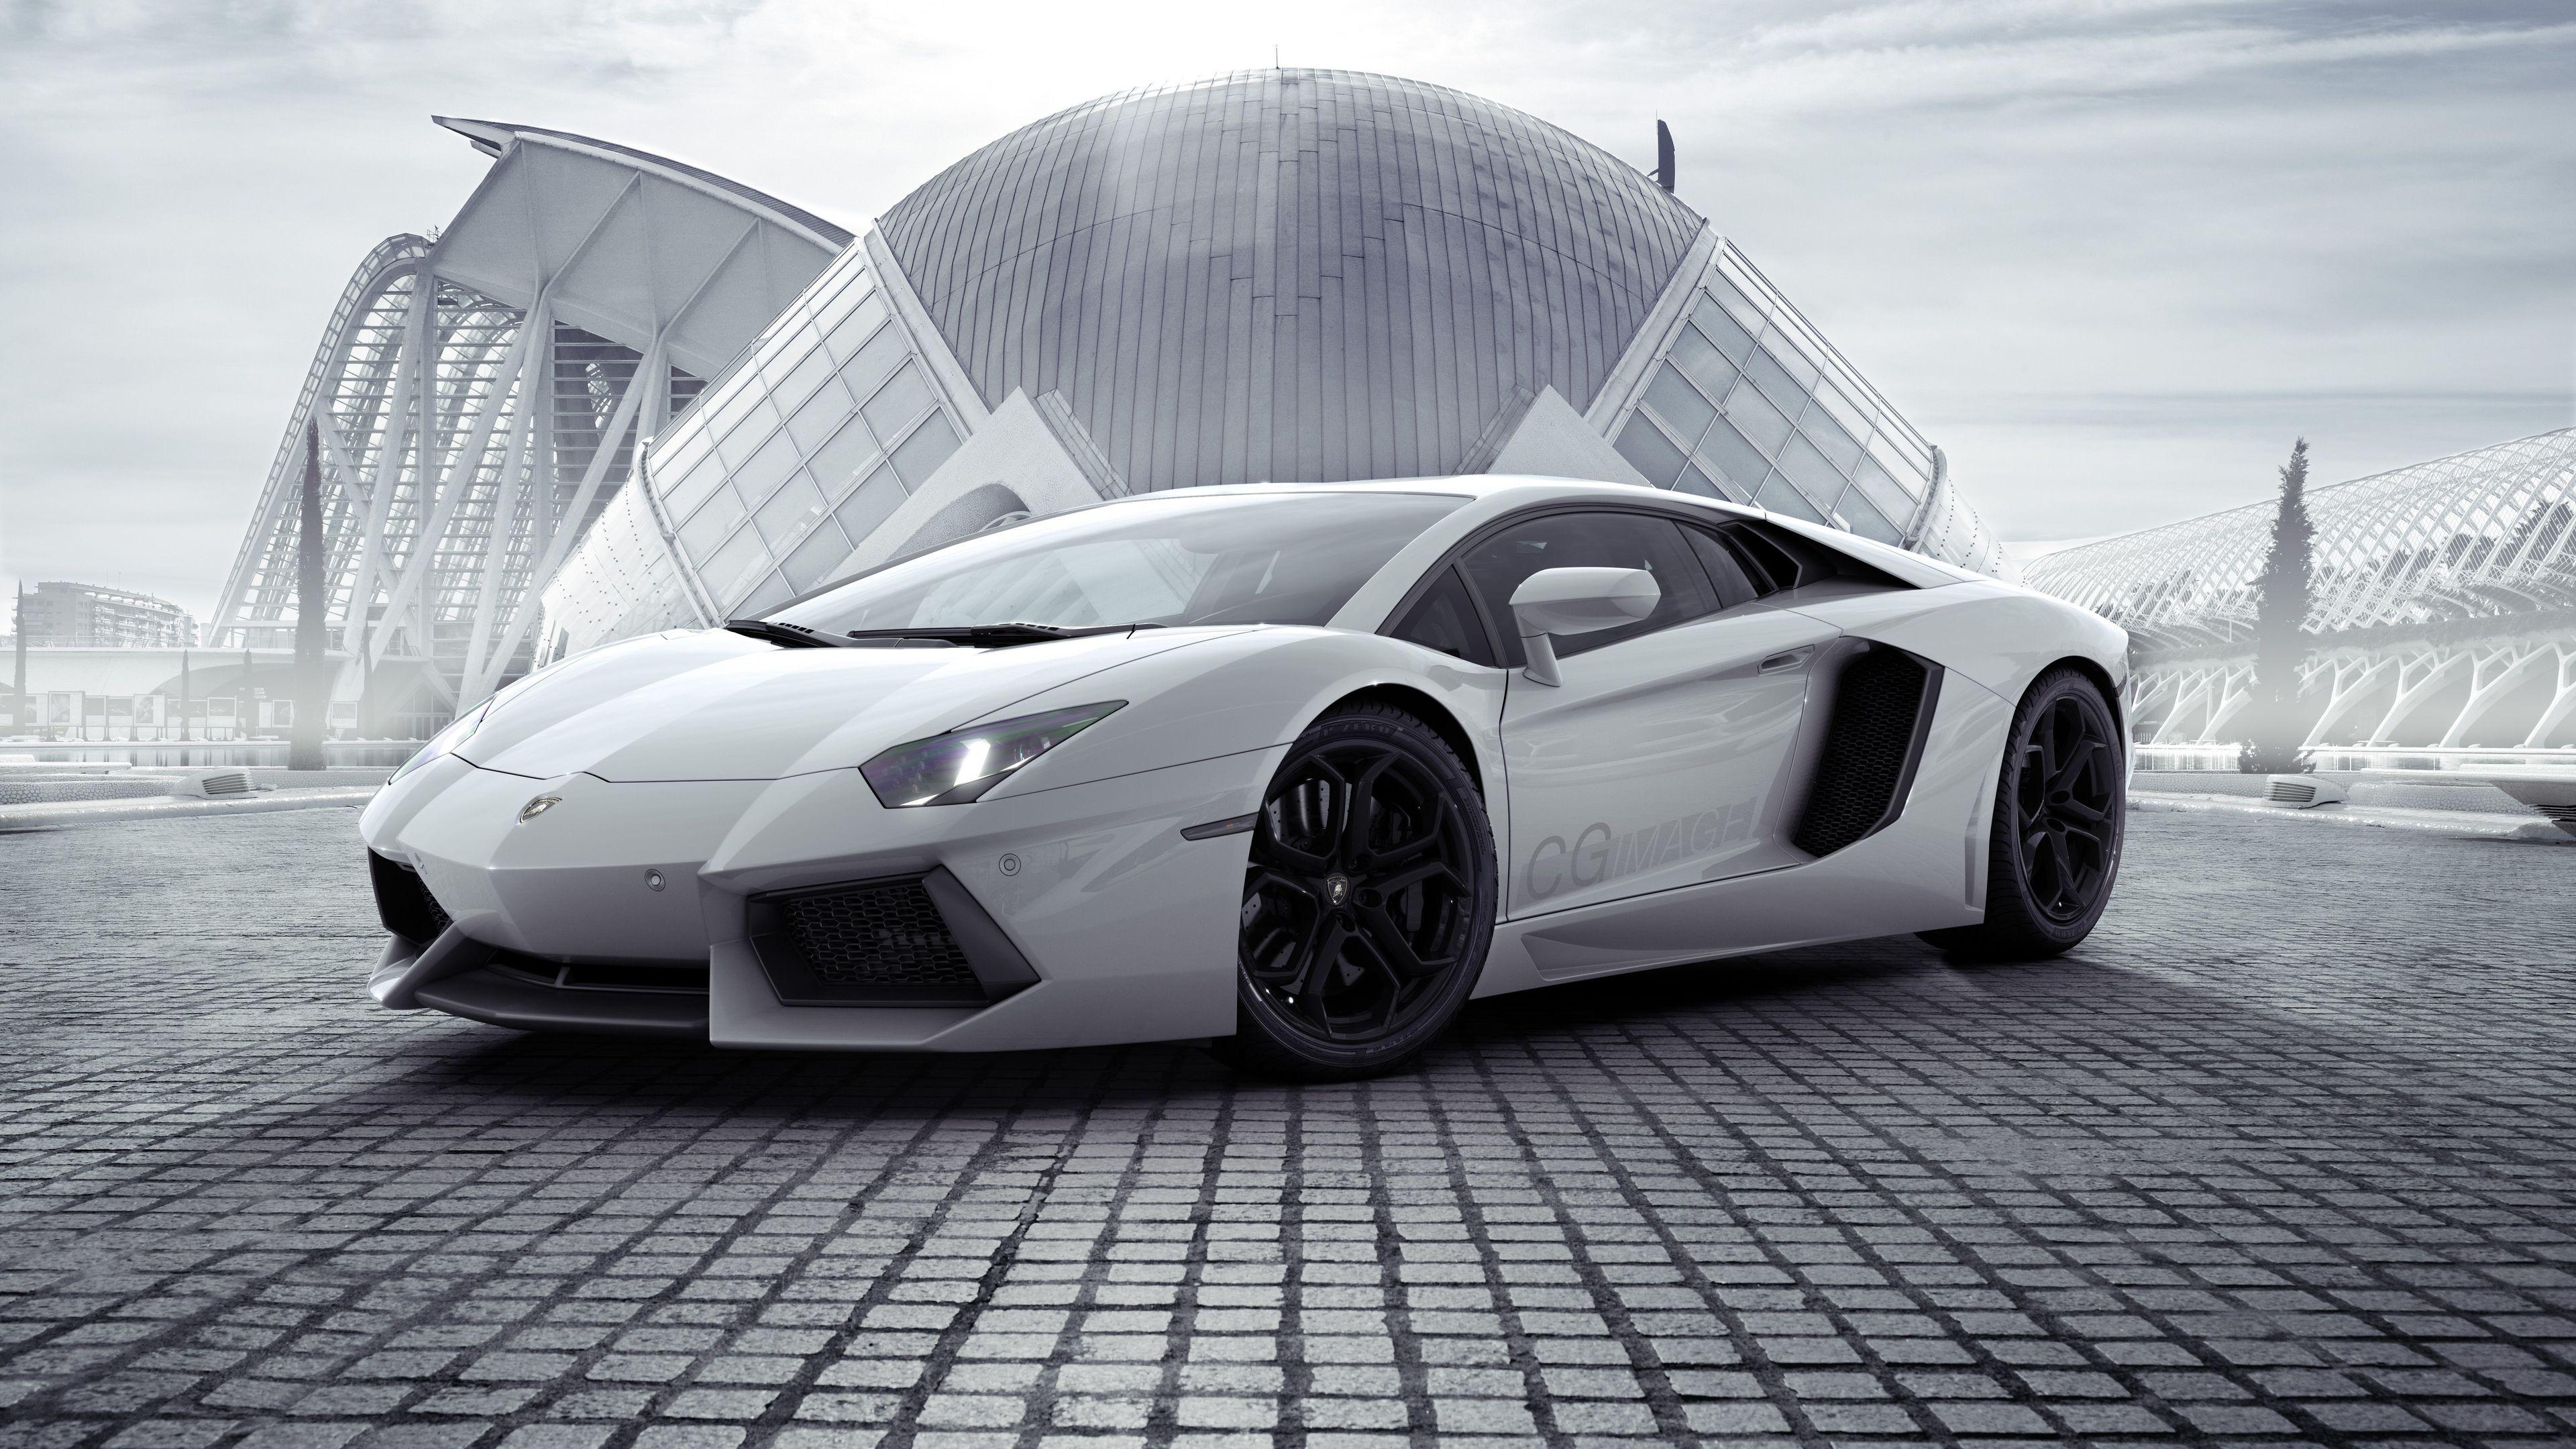 2048x2048 2018 Lamborghini Aventador Svj 4k Ipad Air Hd 4k: White Lamborghini Aventador New 4k Lamborghini Wallpapers